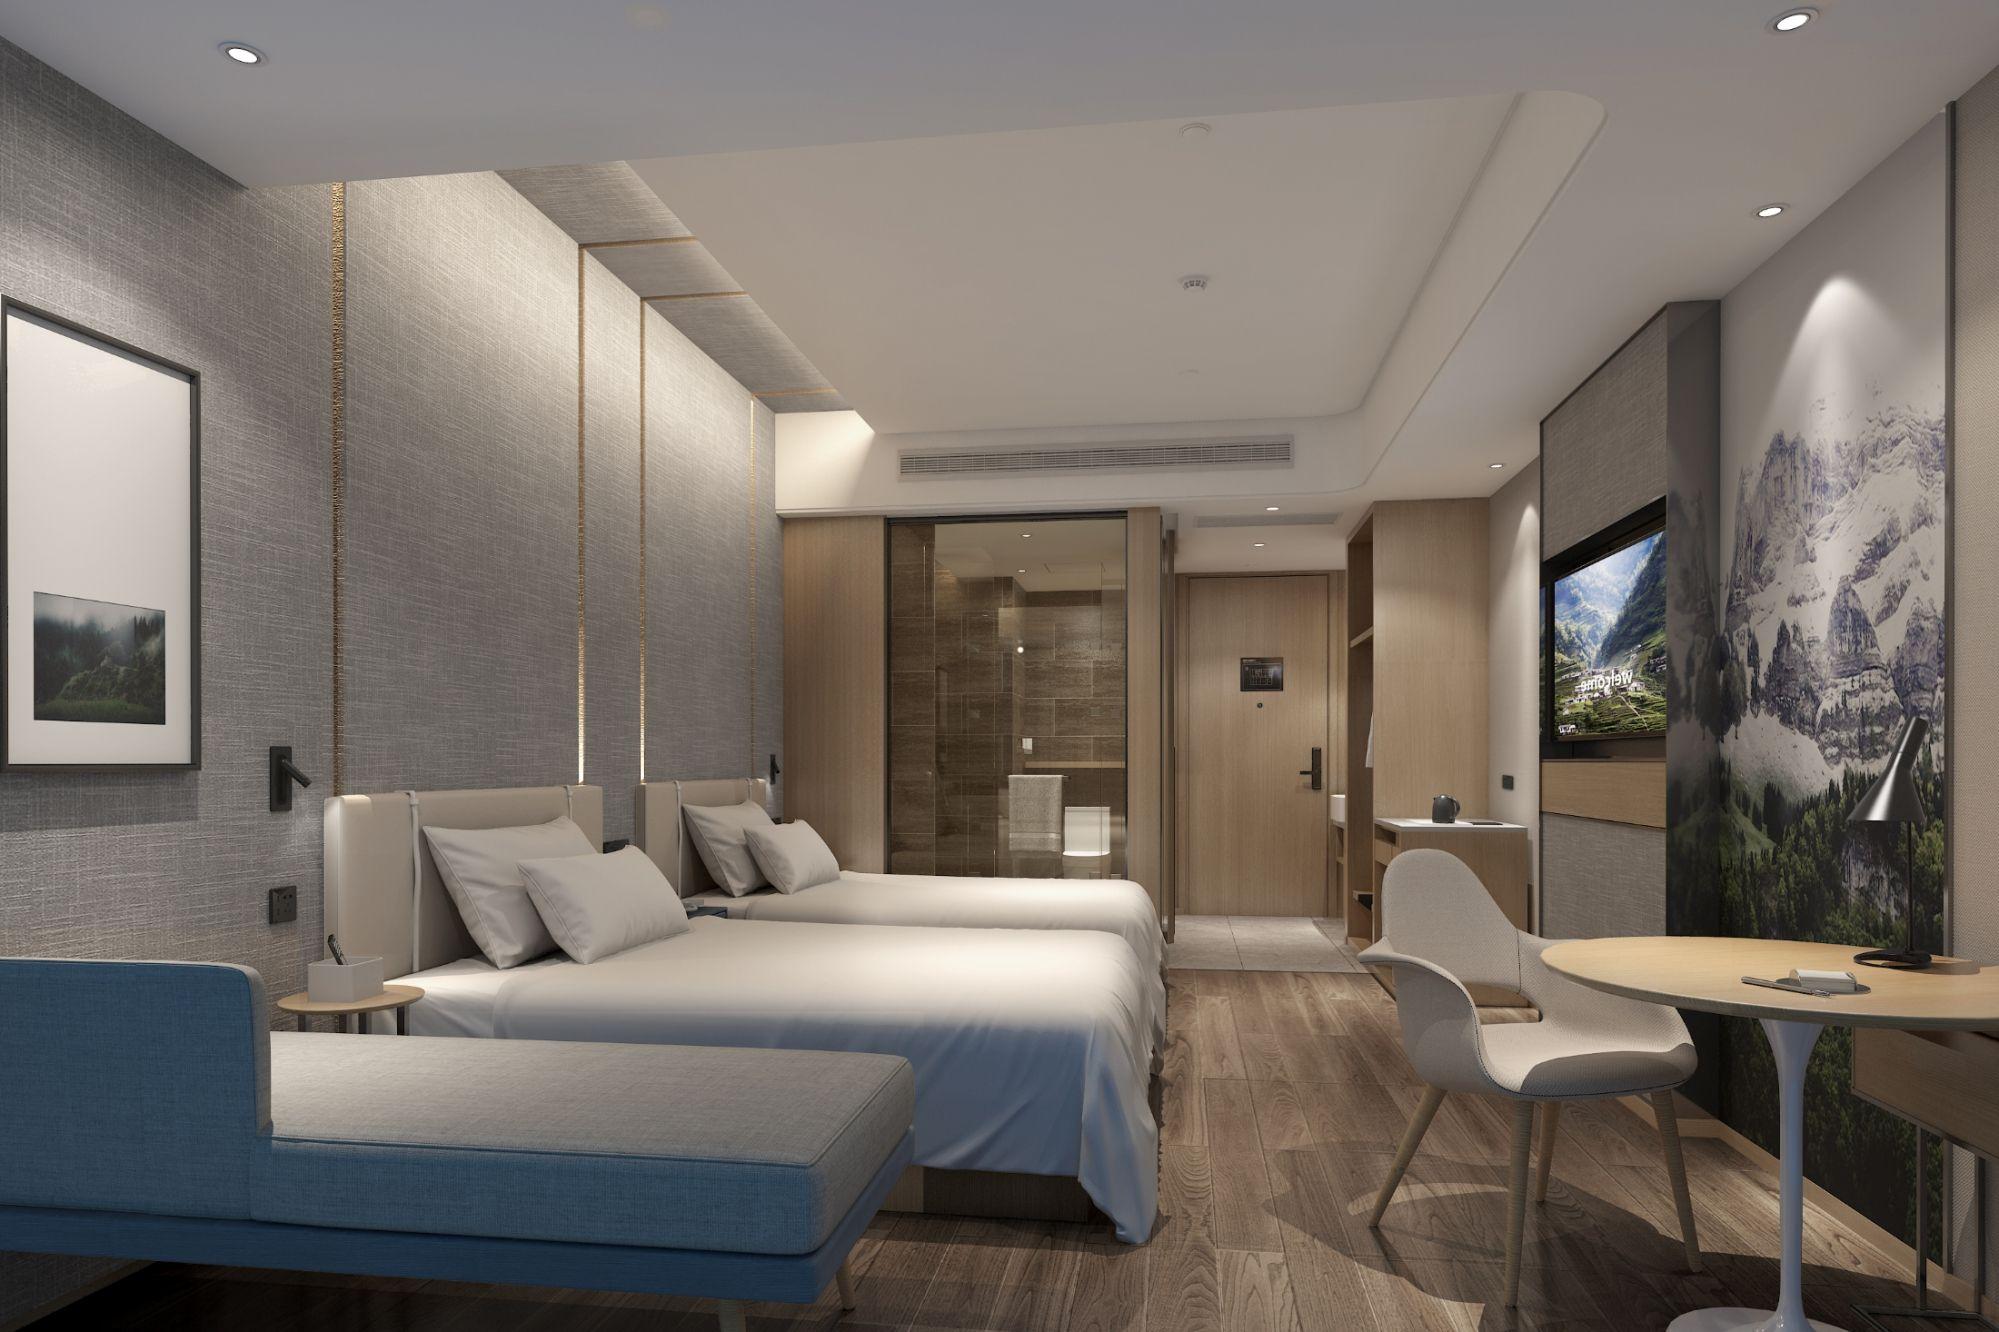 廊坊亚朵酒店设计案例 飞特网 原创酒店设计